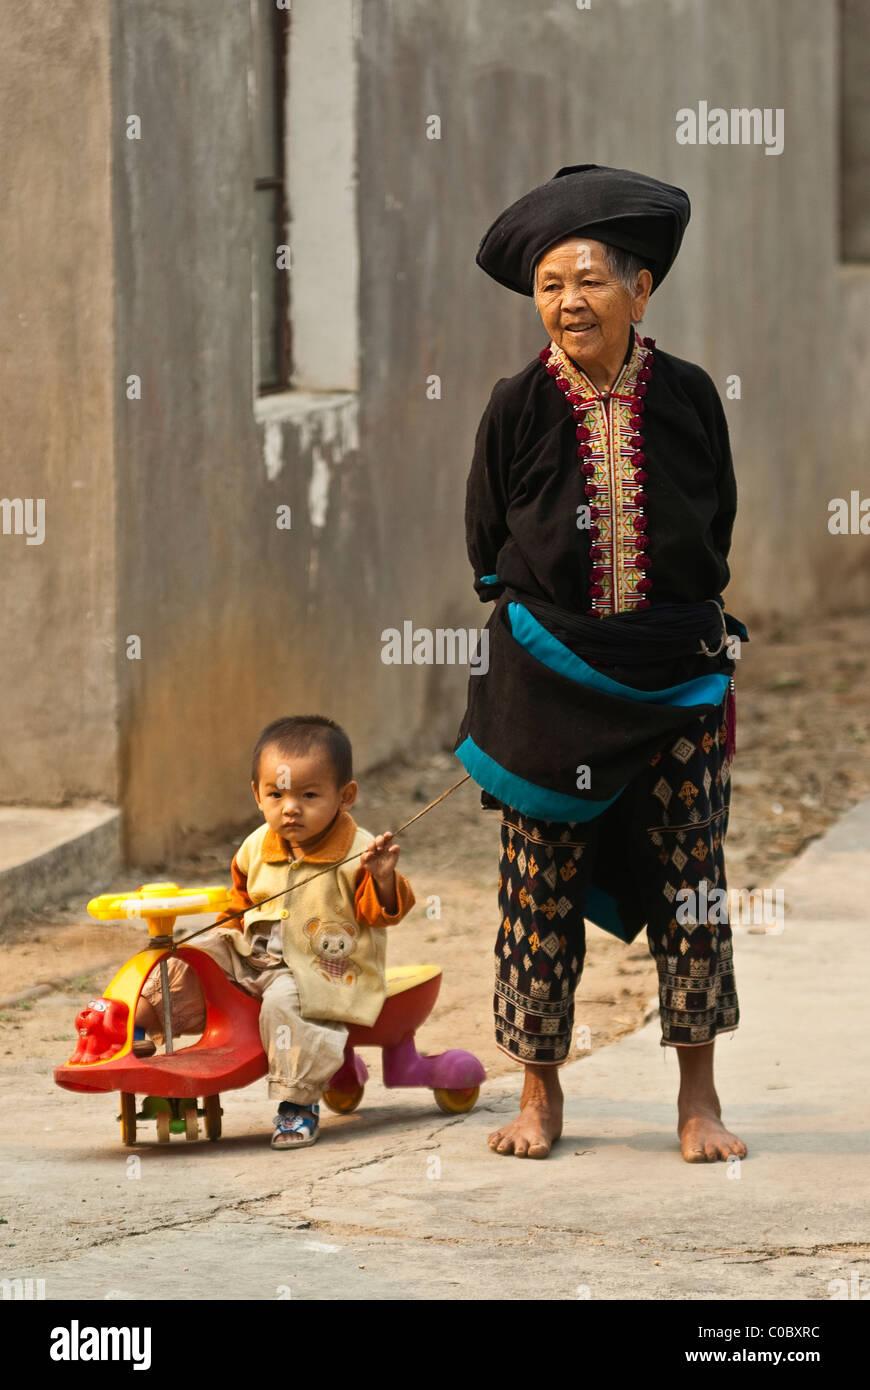 Asia China Yunnan Prefecture Jinping Photos Asia China Yunnan